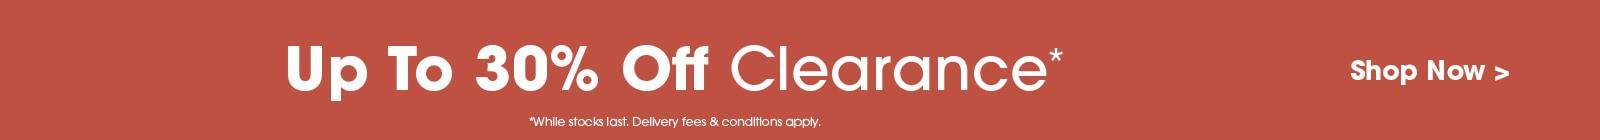 105913 NZ AEOS Wk34 Up To 40% Off Clearance Website Asset_D.jpg